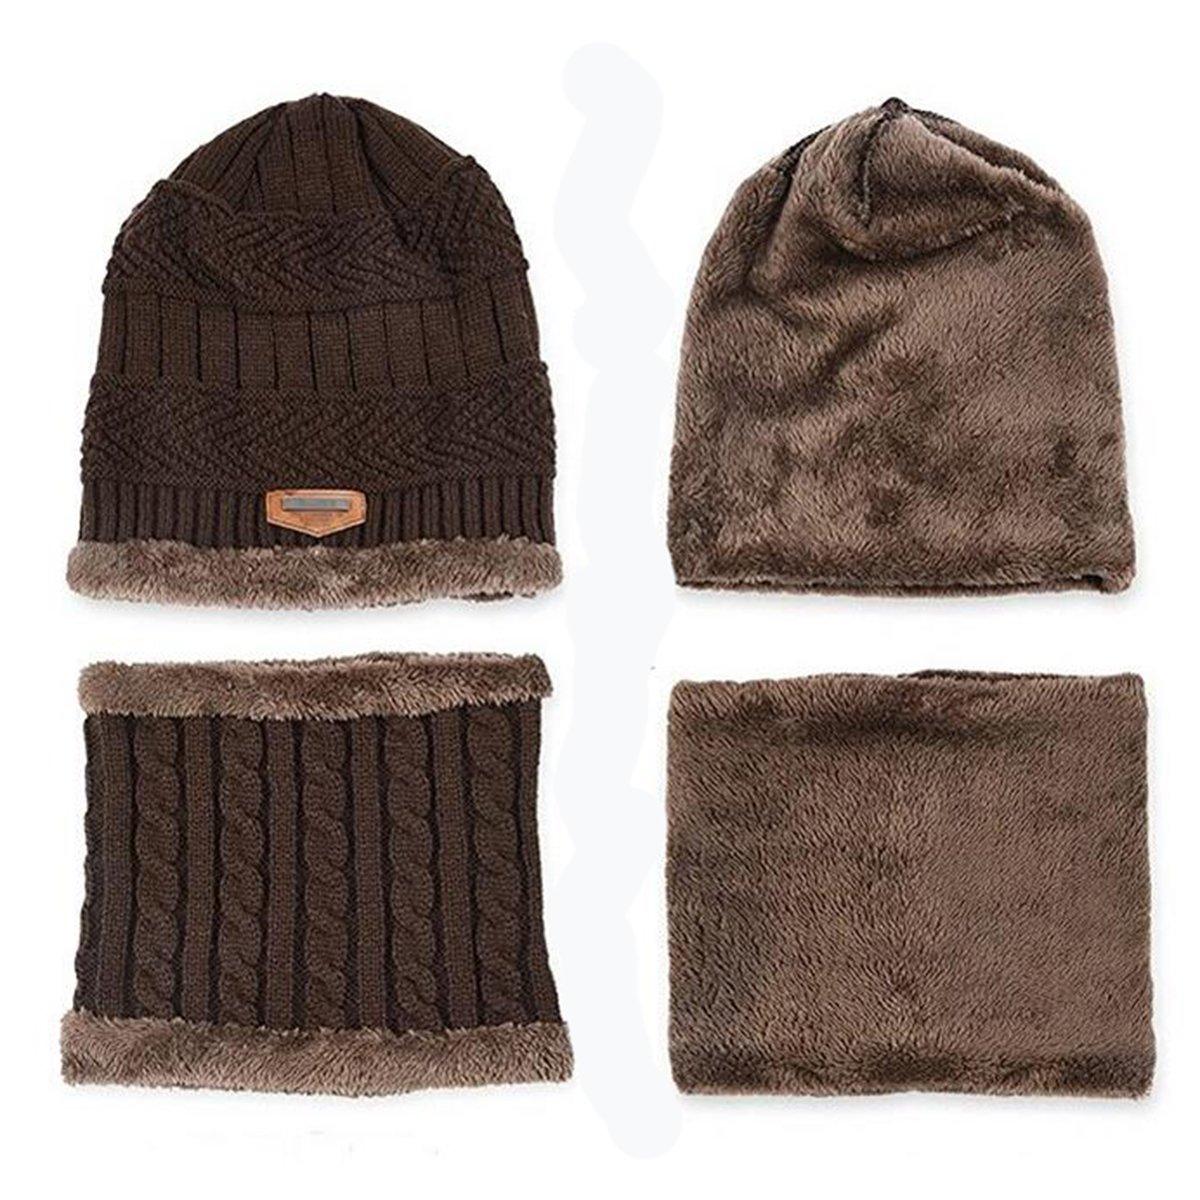 Bambini cappello e sciarpa Set 85e7f0a1f731